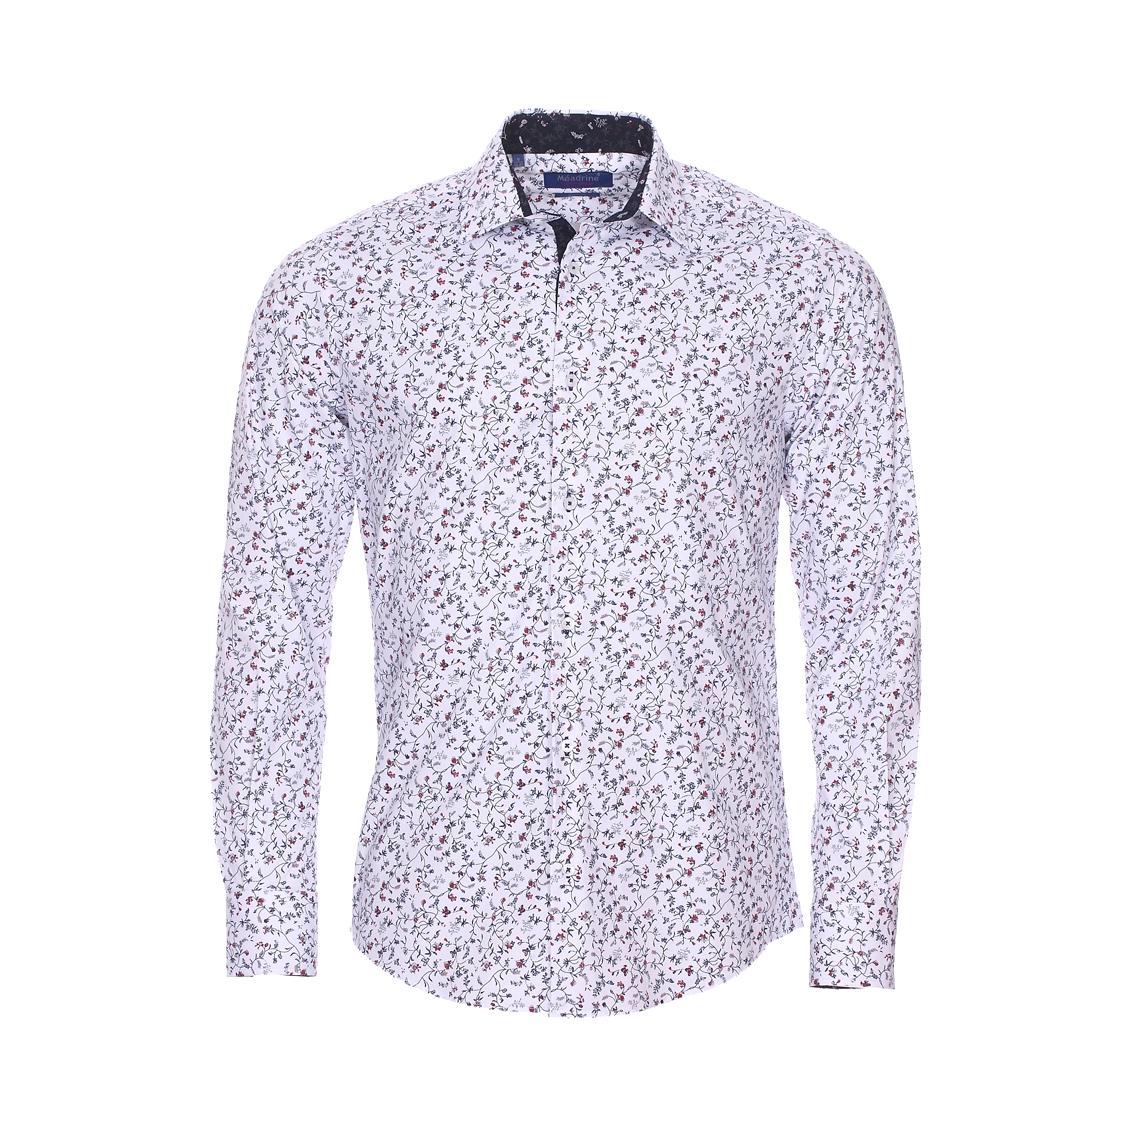 Chemise cintrée  fantaisie en coton stretch blanc à imprimé fleuri